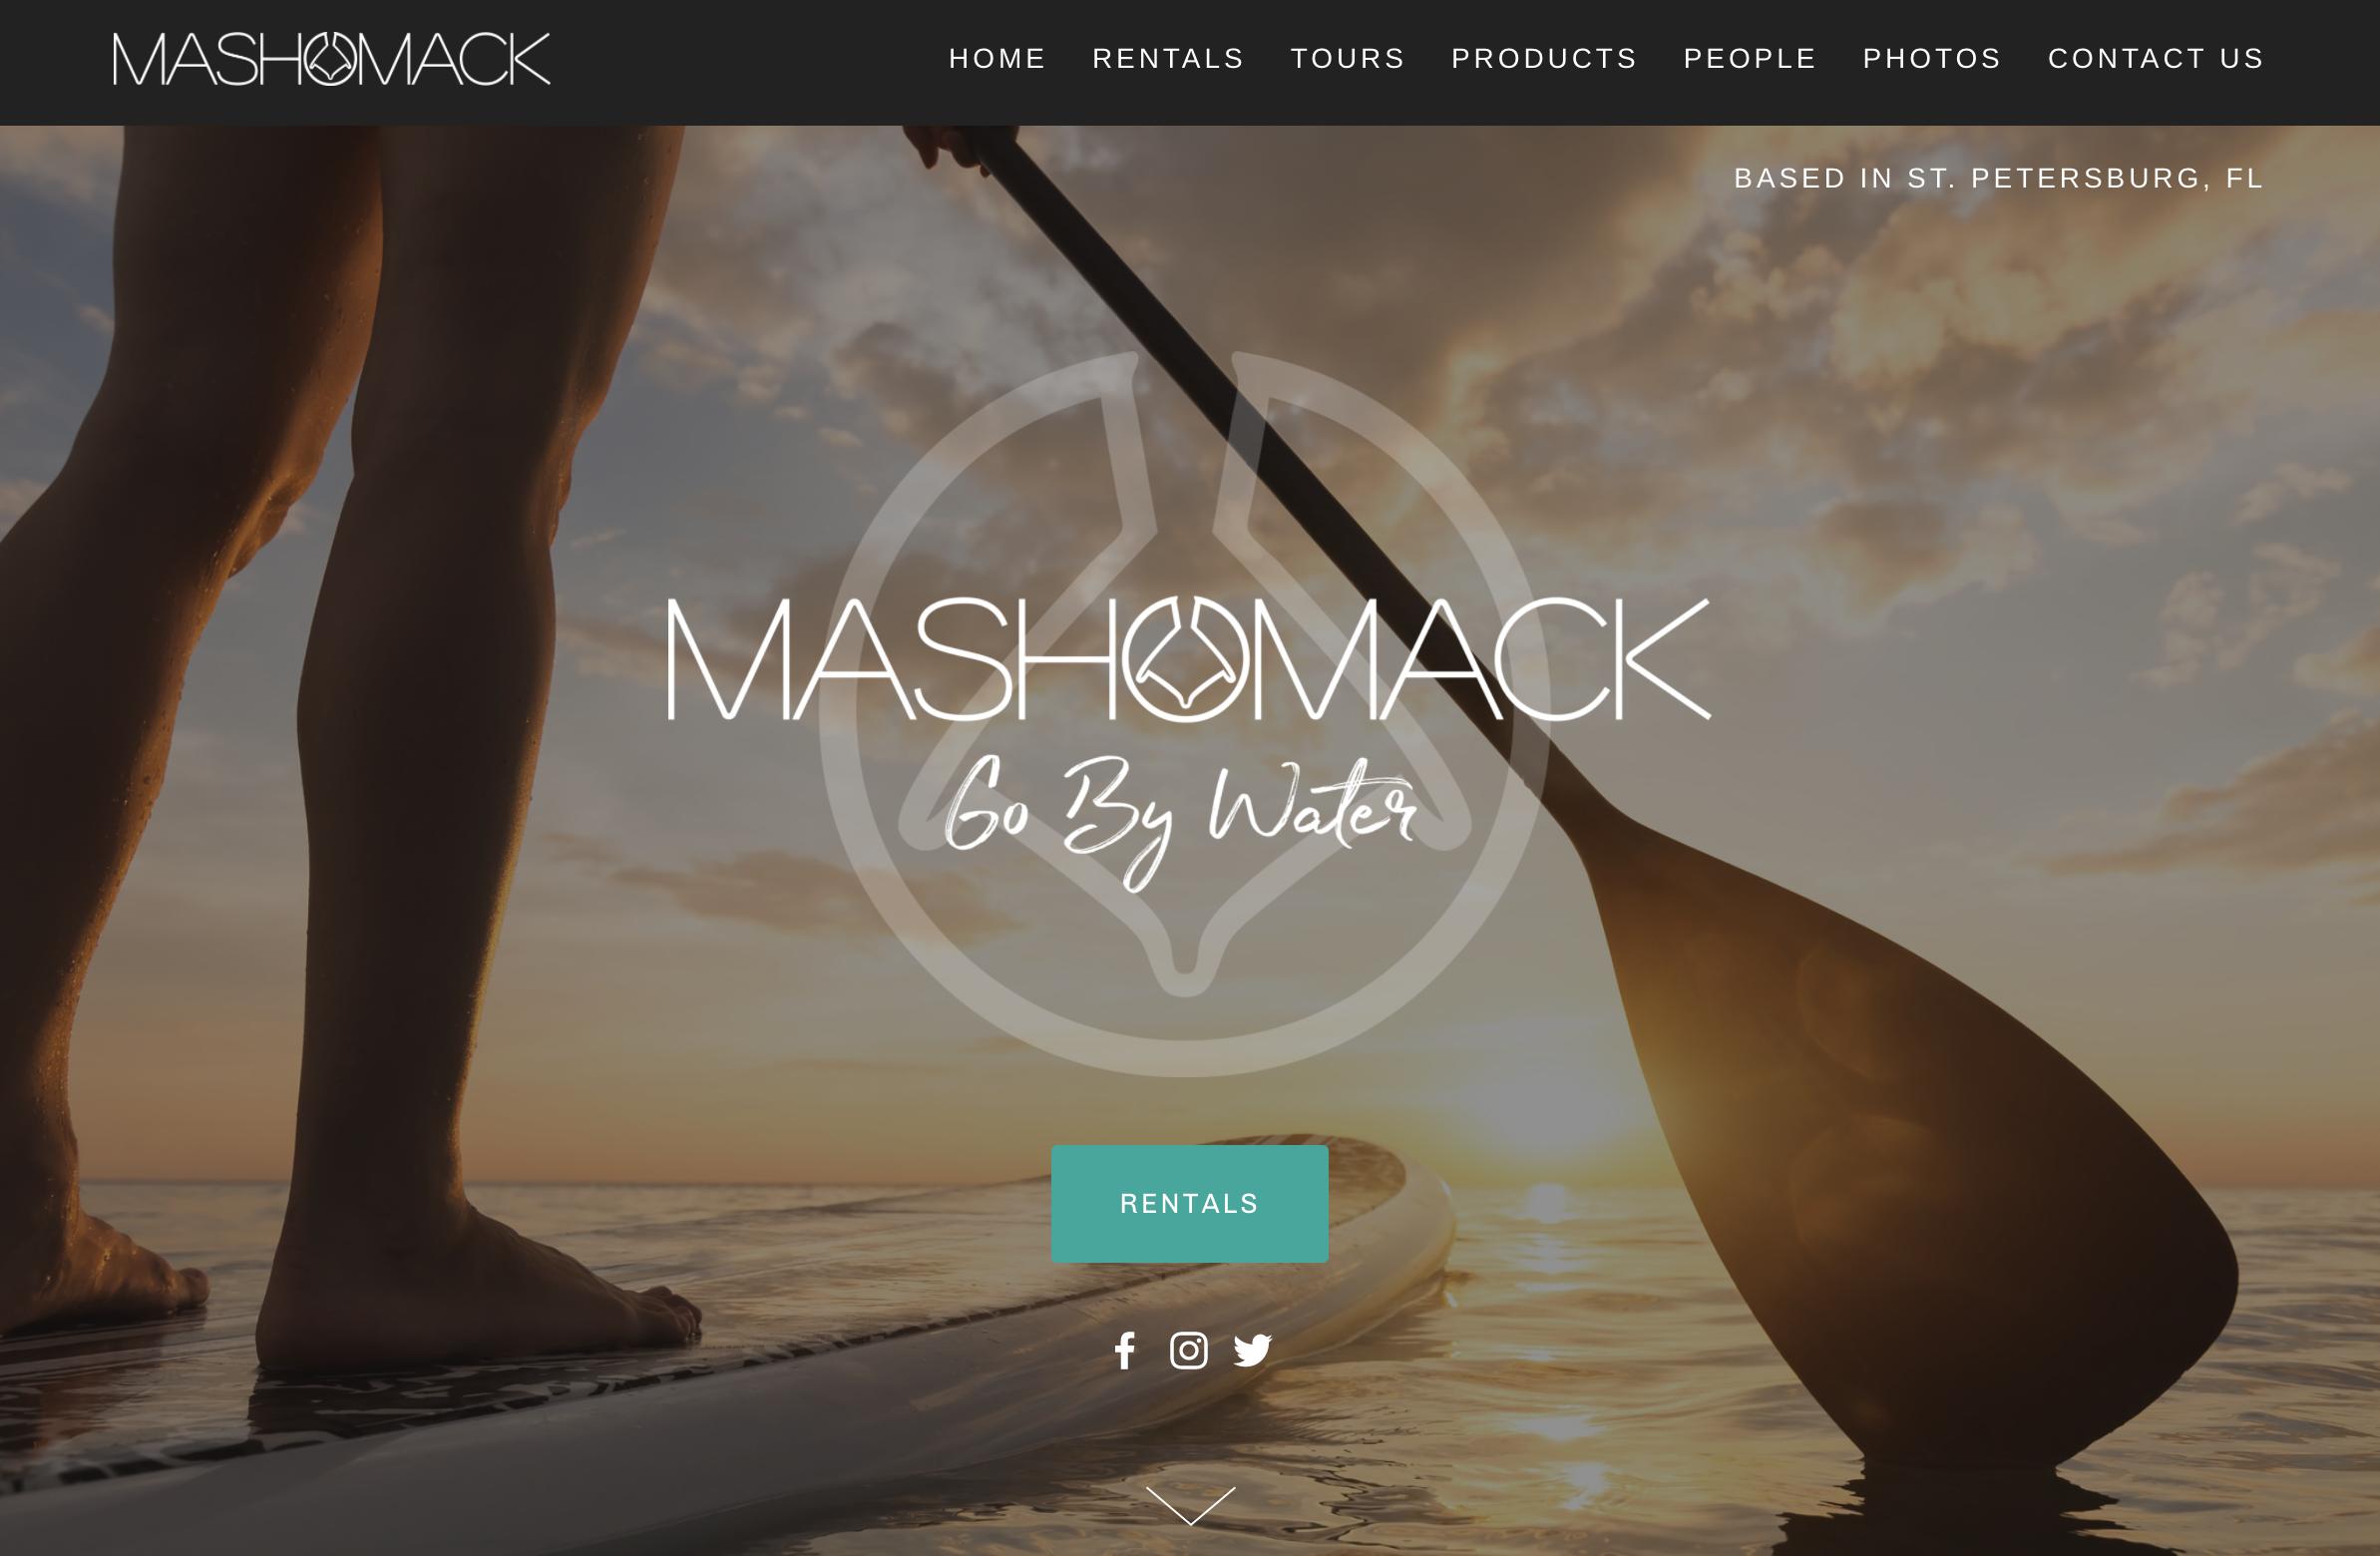 www.MashomackSUP.com